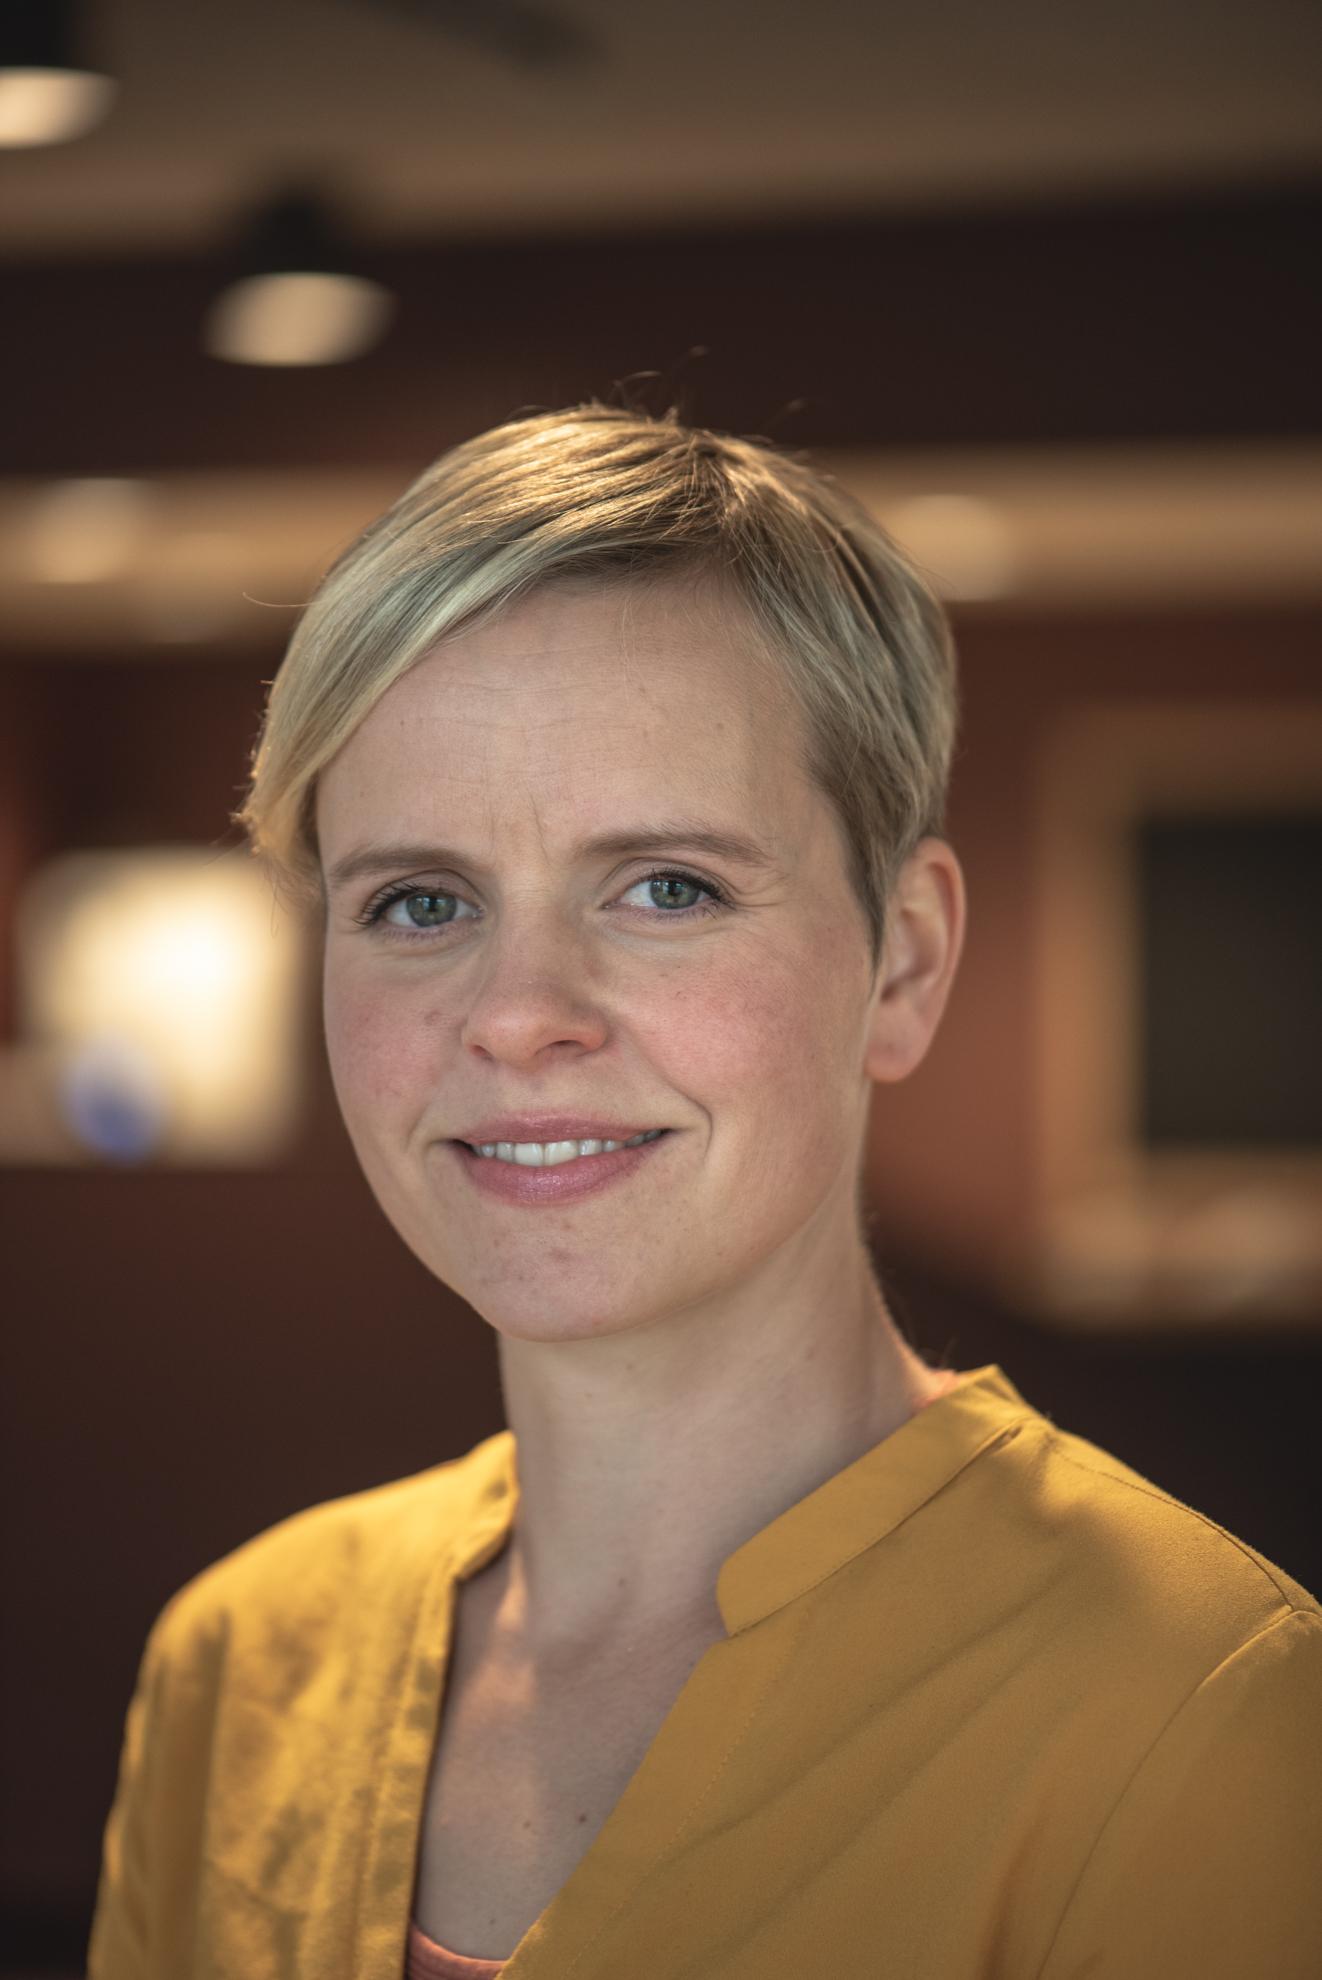 Ingvild Johanne Aarhus - Prosjektleder/rådgiver+47 405 52 401 · ingvild@skappa.noIngvild er utdannet innen aquaculture og ppu. Hun har bred erfaring fra oppdrettsnæringen, hvor hun har jobbet med forskning og utvikling innenfor teknologi og storskala produksjon. Hun er en erfaren prosjektleder og har blant annet vært med å etablere og drive næringsklyngen akvARENA. I Skåppå er hennes hovedområde prosjektledelse innenfor landbruks- og forskningsprosjekter. Hun er også Kompetansemegler for Forskningsrådet/Fylkeskommunen.Ingvild er sauebonde i Vestre Gausdal, og har kontorplass i Lillehammer men jobber i hele Gudbrandsdalen.